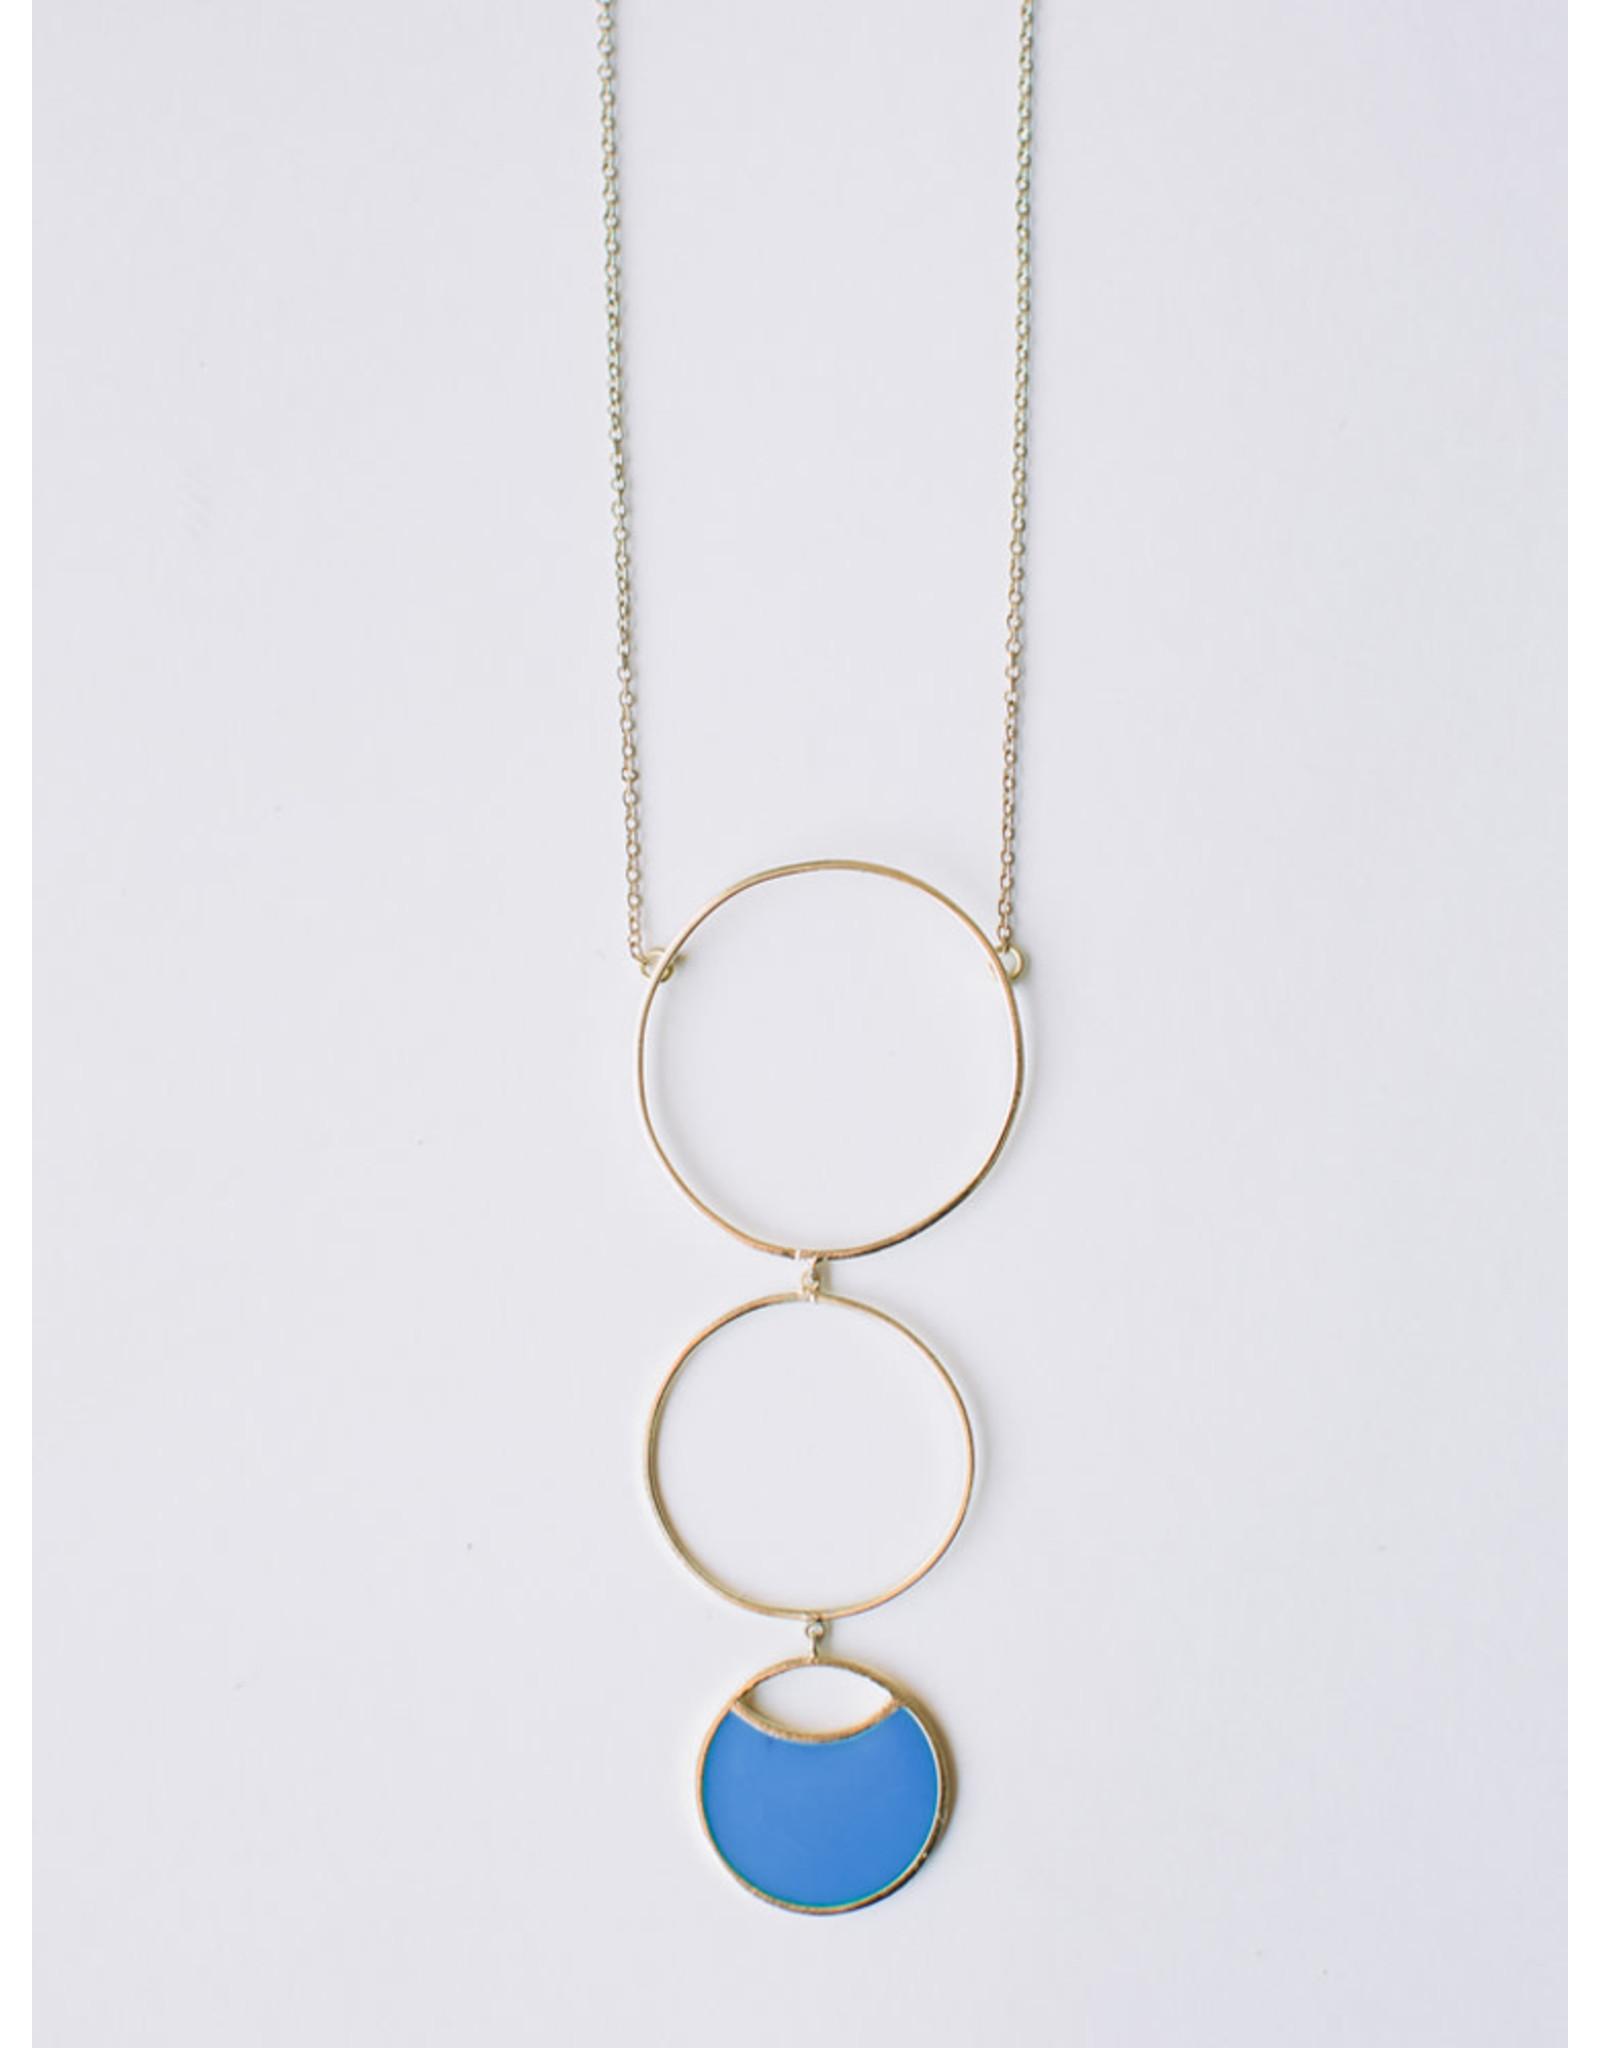 Circle Drop Necklace, India